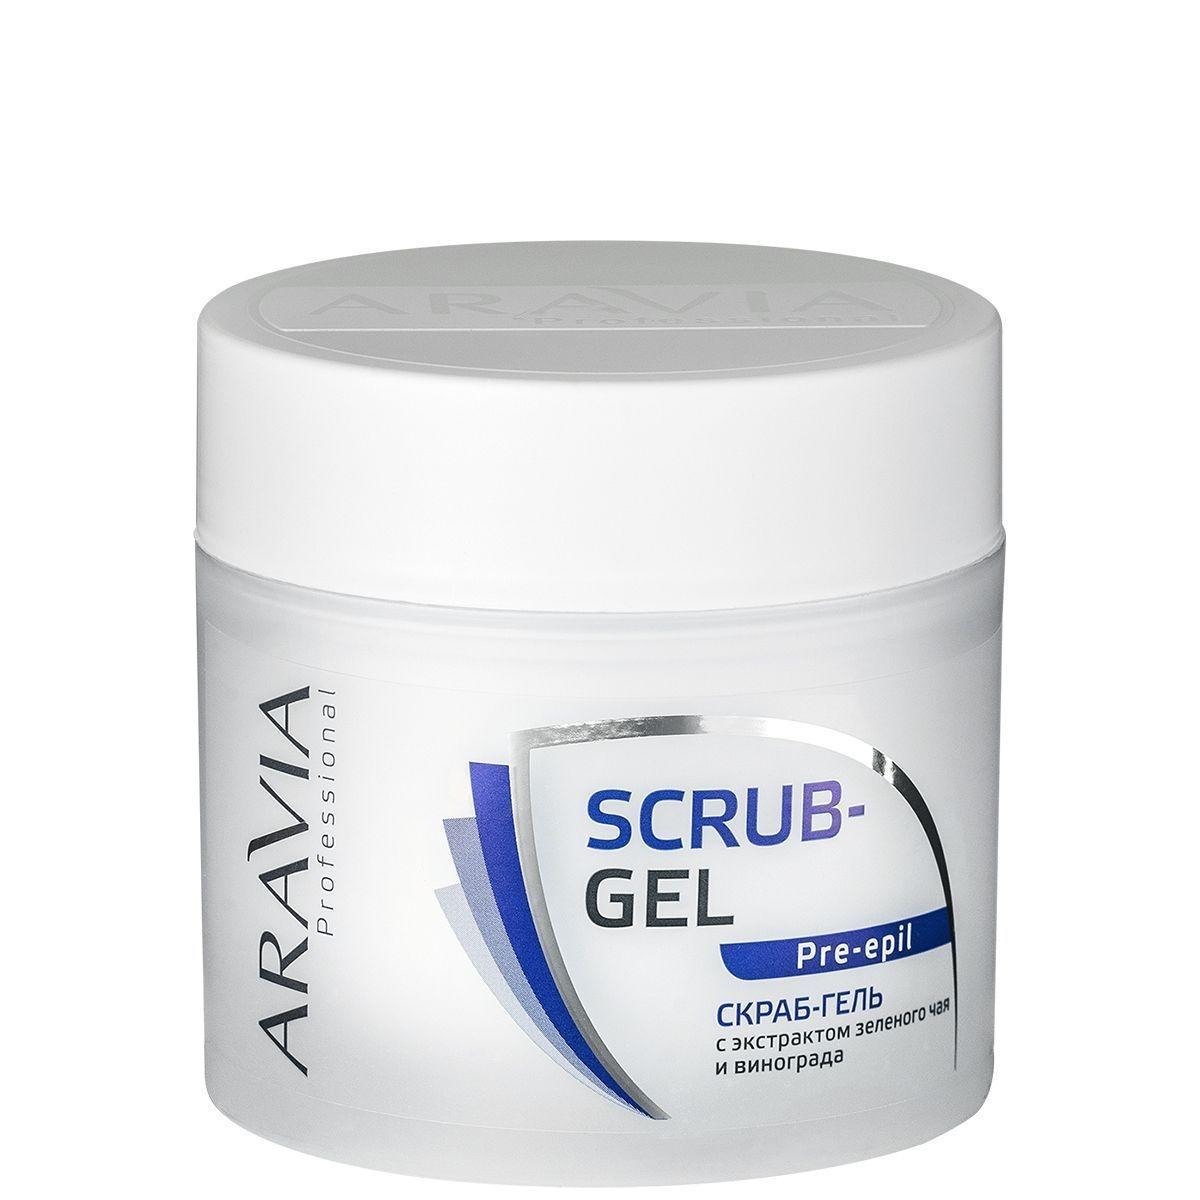 ARAVIA Скраб-Гель Scrub-gel Pre-epil Перед Депиляцией с Экстрактом Зеленого Чая и Винограда, 300 мл